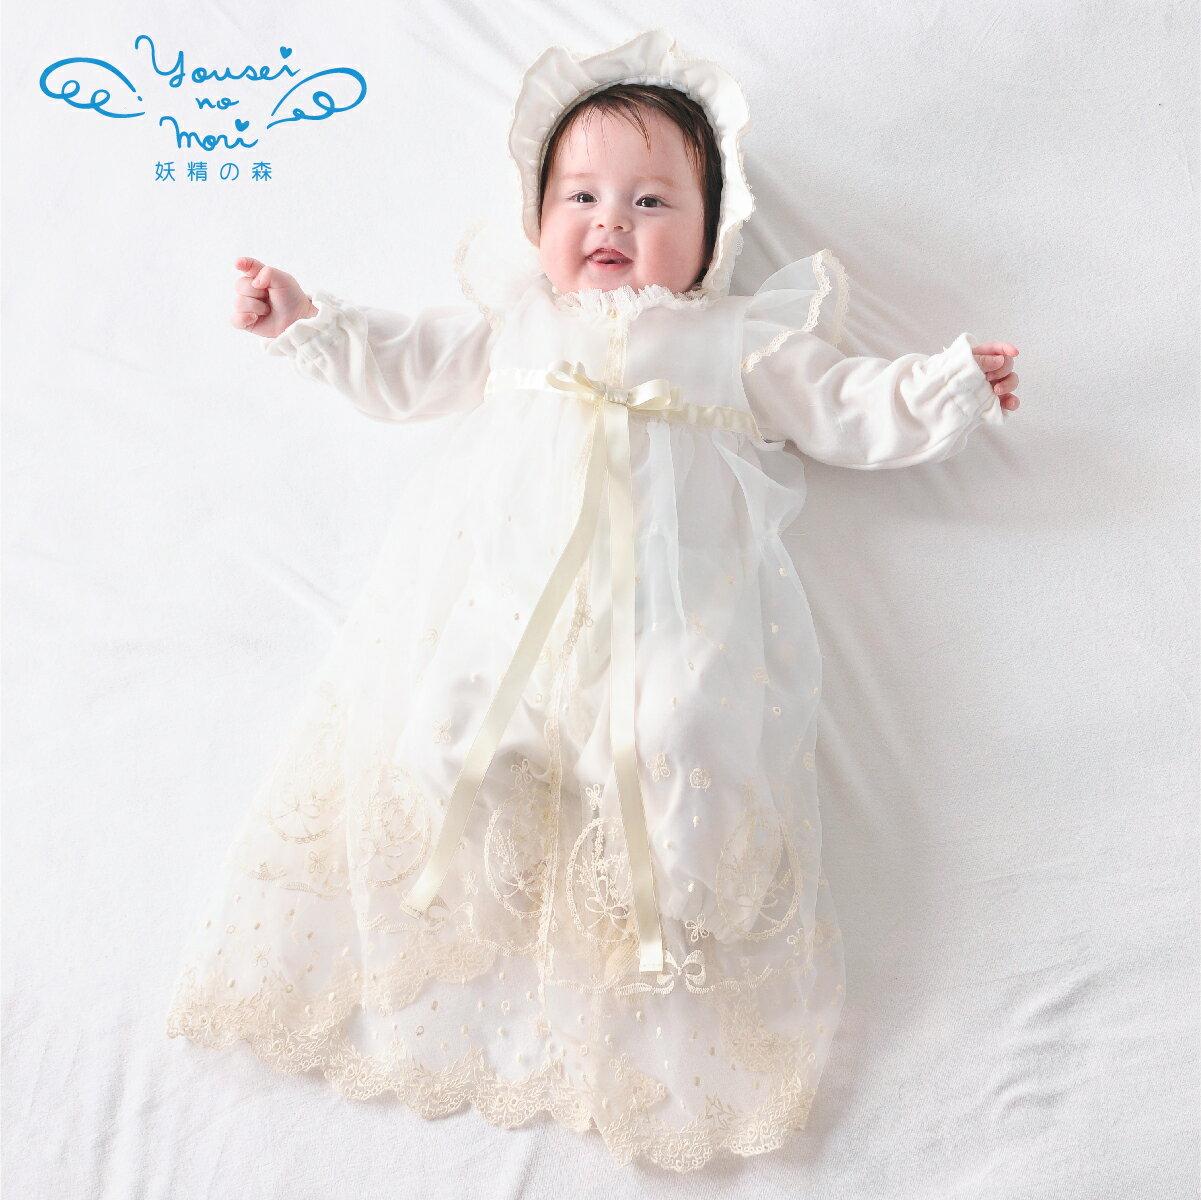 【あす楽】Yousei no mori 妖精の森クラシカルレースのセレモニードレス3点セット ホワイト《赤ちゃん/ベビー/ドレス/ベビー服》